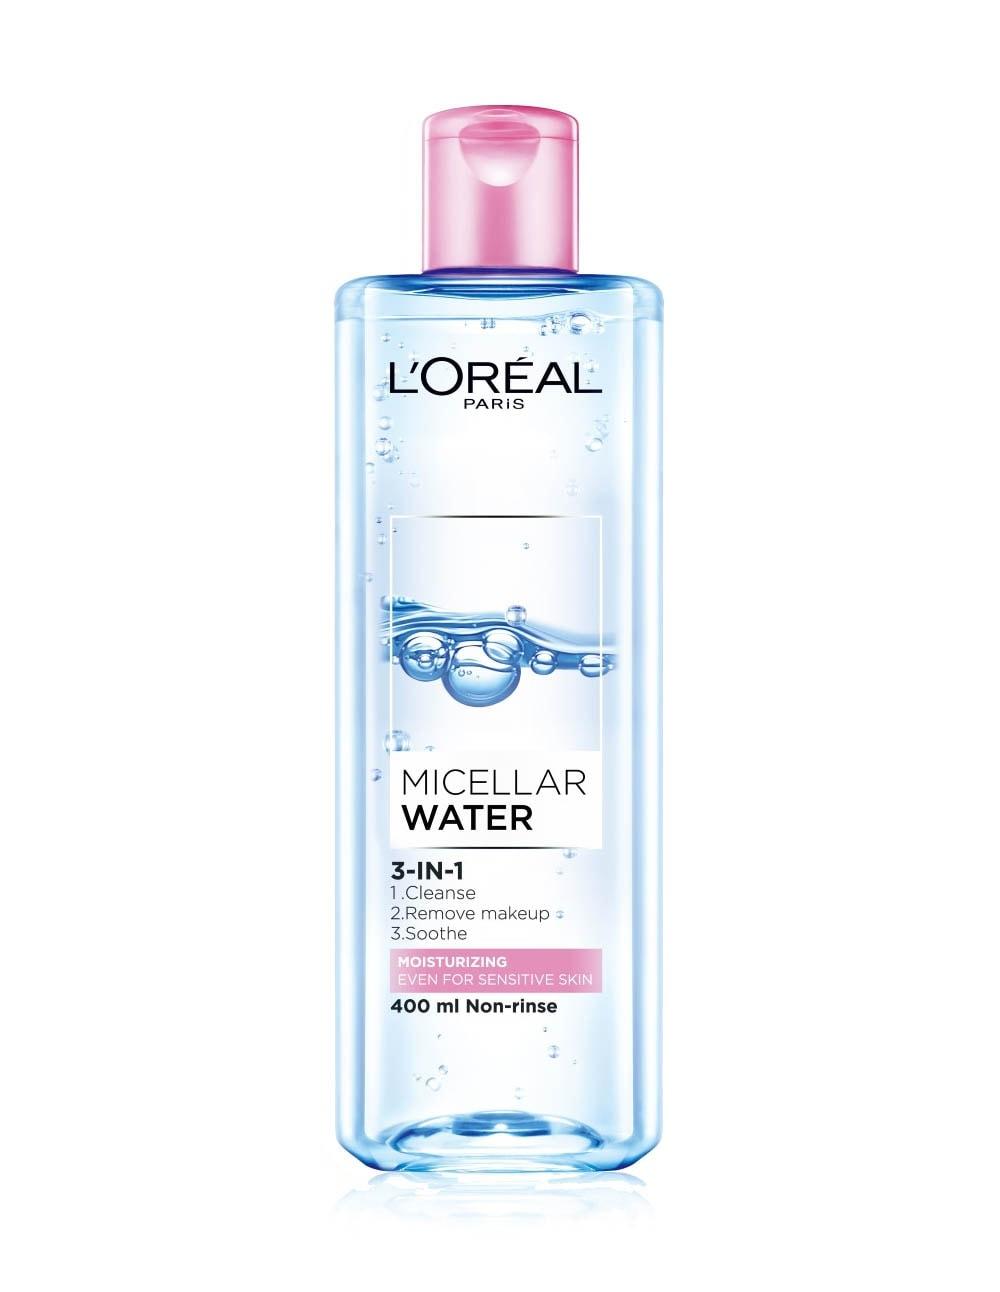 L'Oreal Micellar Water 3-in-1 Moisturizing.